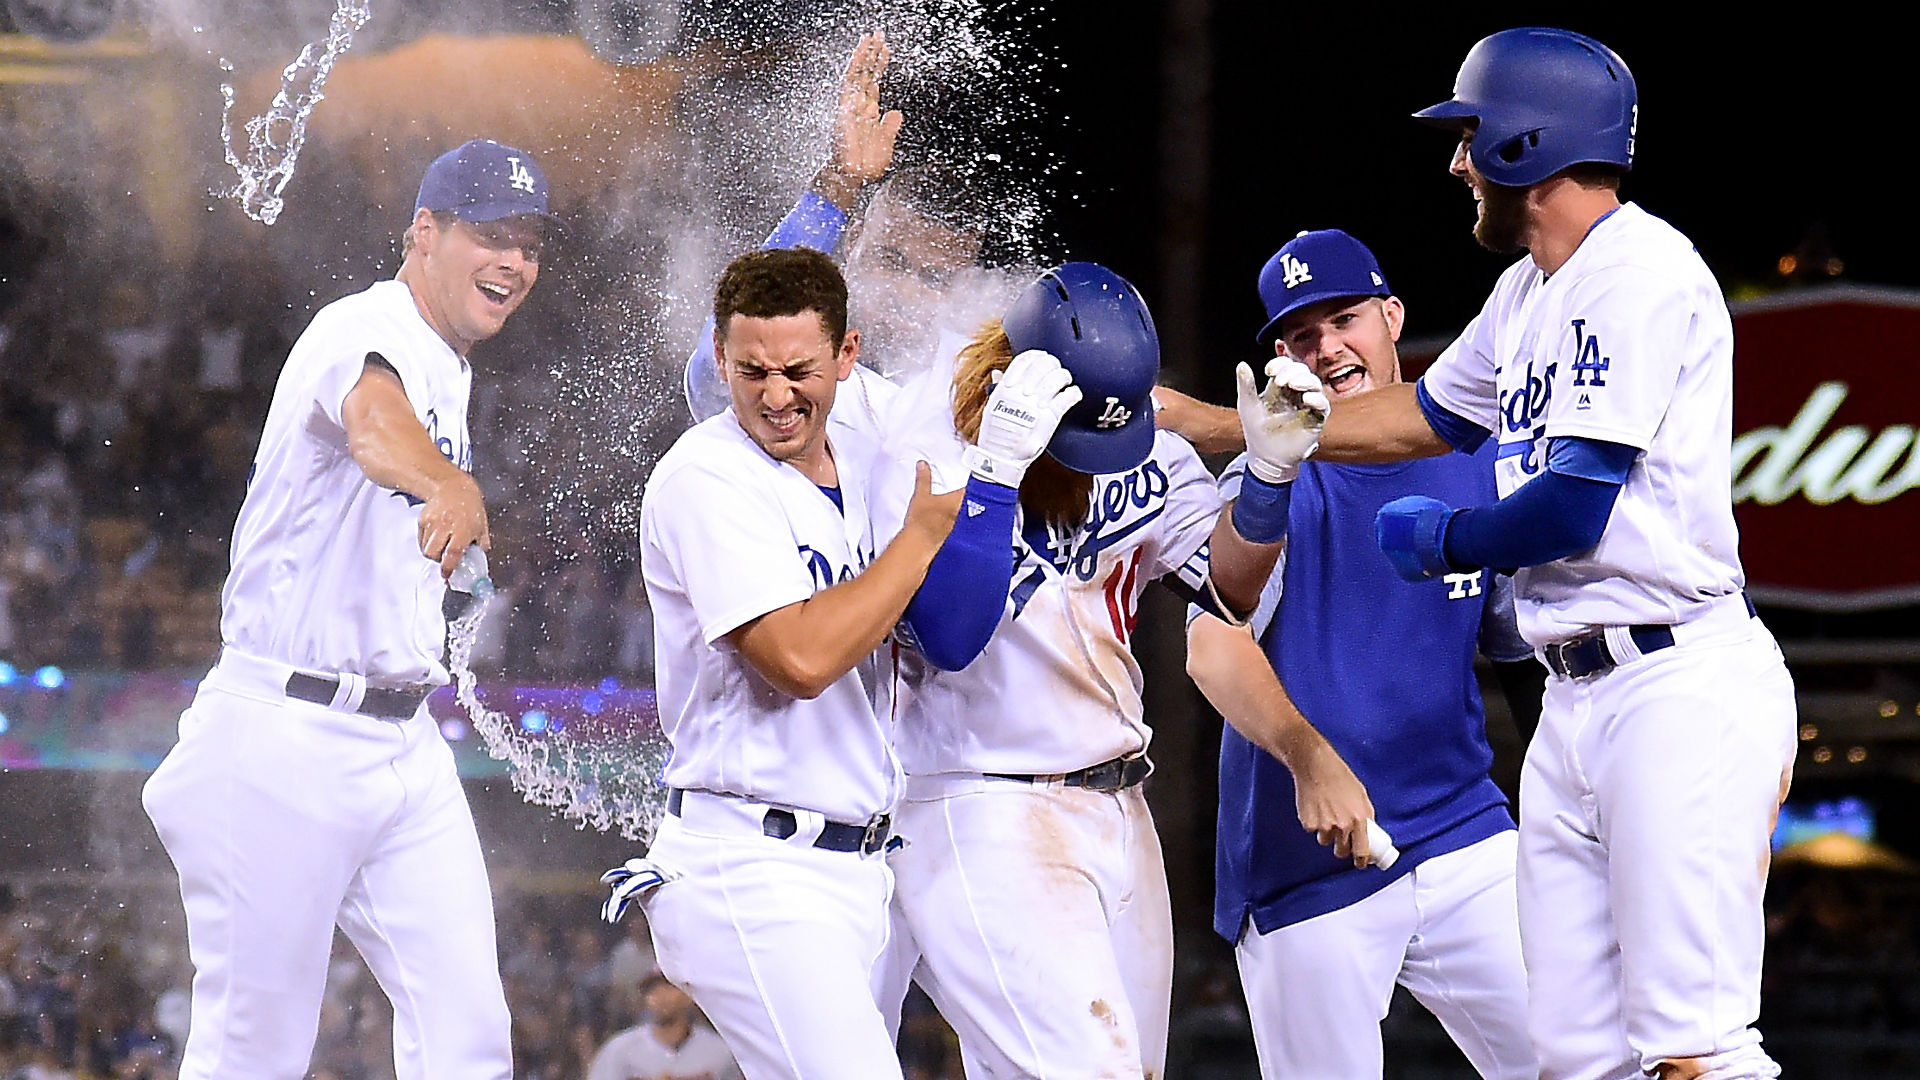 Dodgers-getty-ftr-072817_oizx8hat7t571m5semi4u1x1v